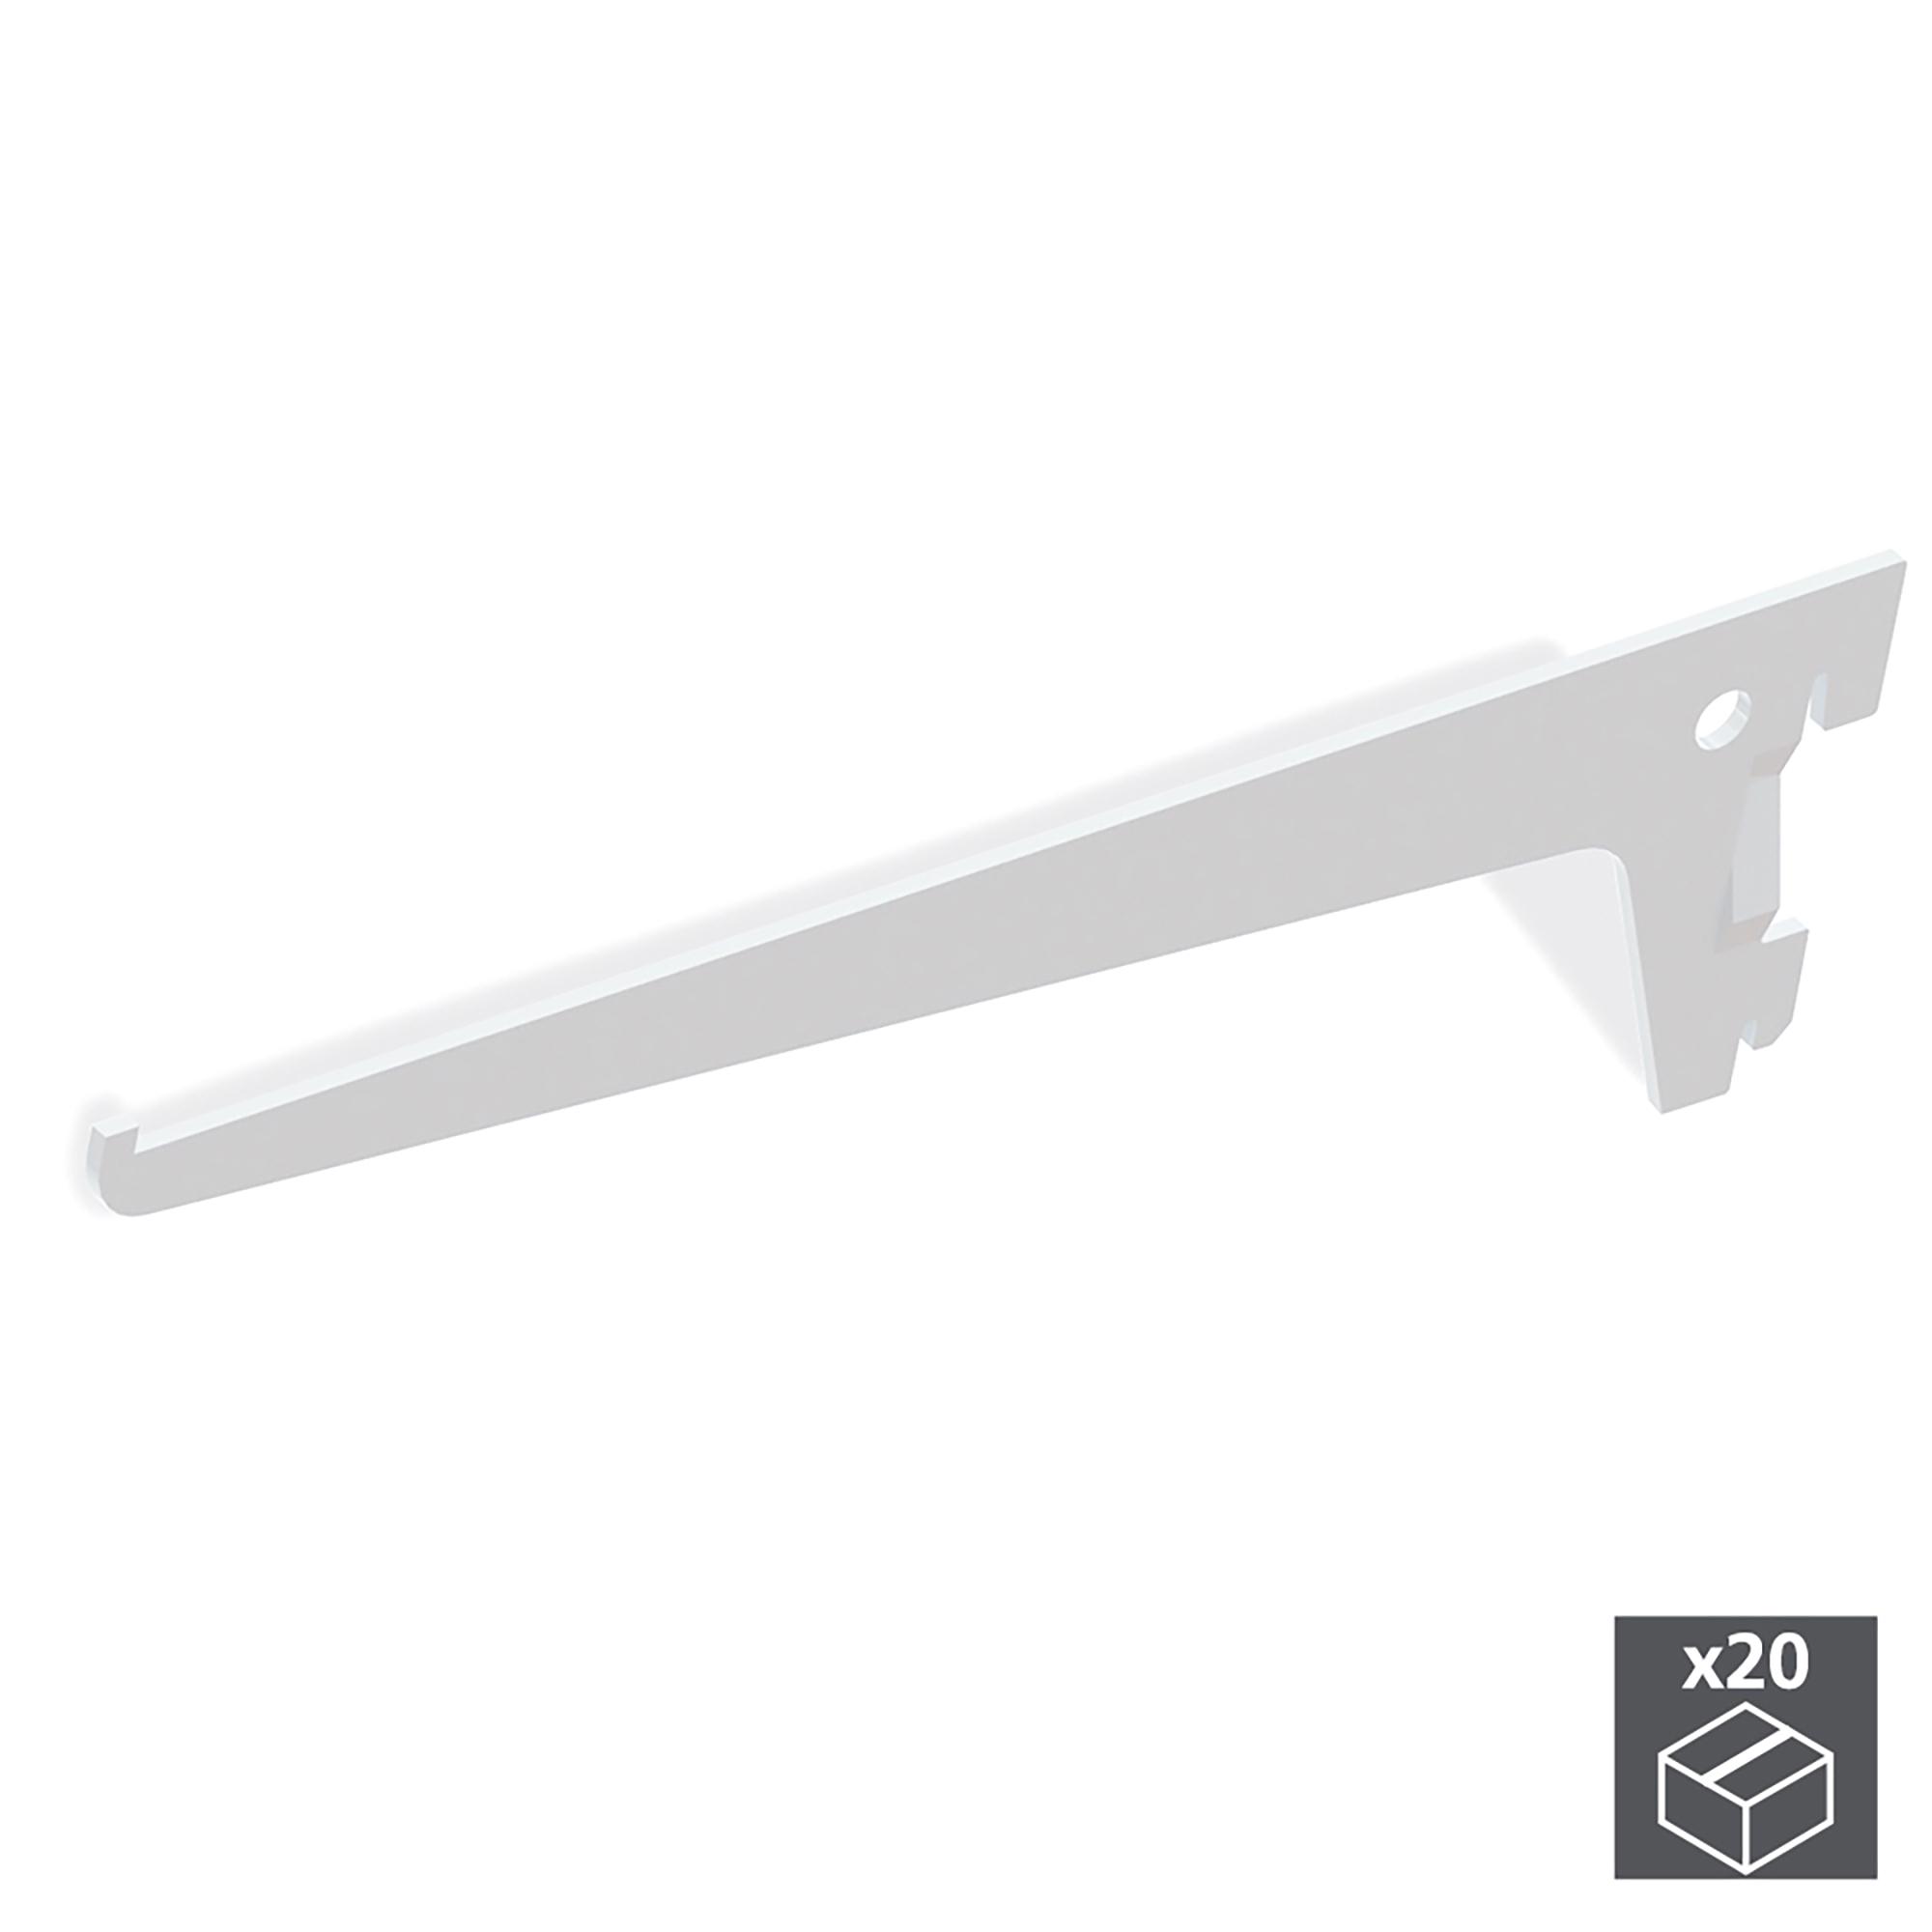 Emuca Supporto per ripiano di legno/vetro, profilo a passo 50 mm, 200 mm, Acciaio, Bianco, 20 u.